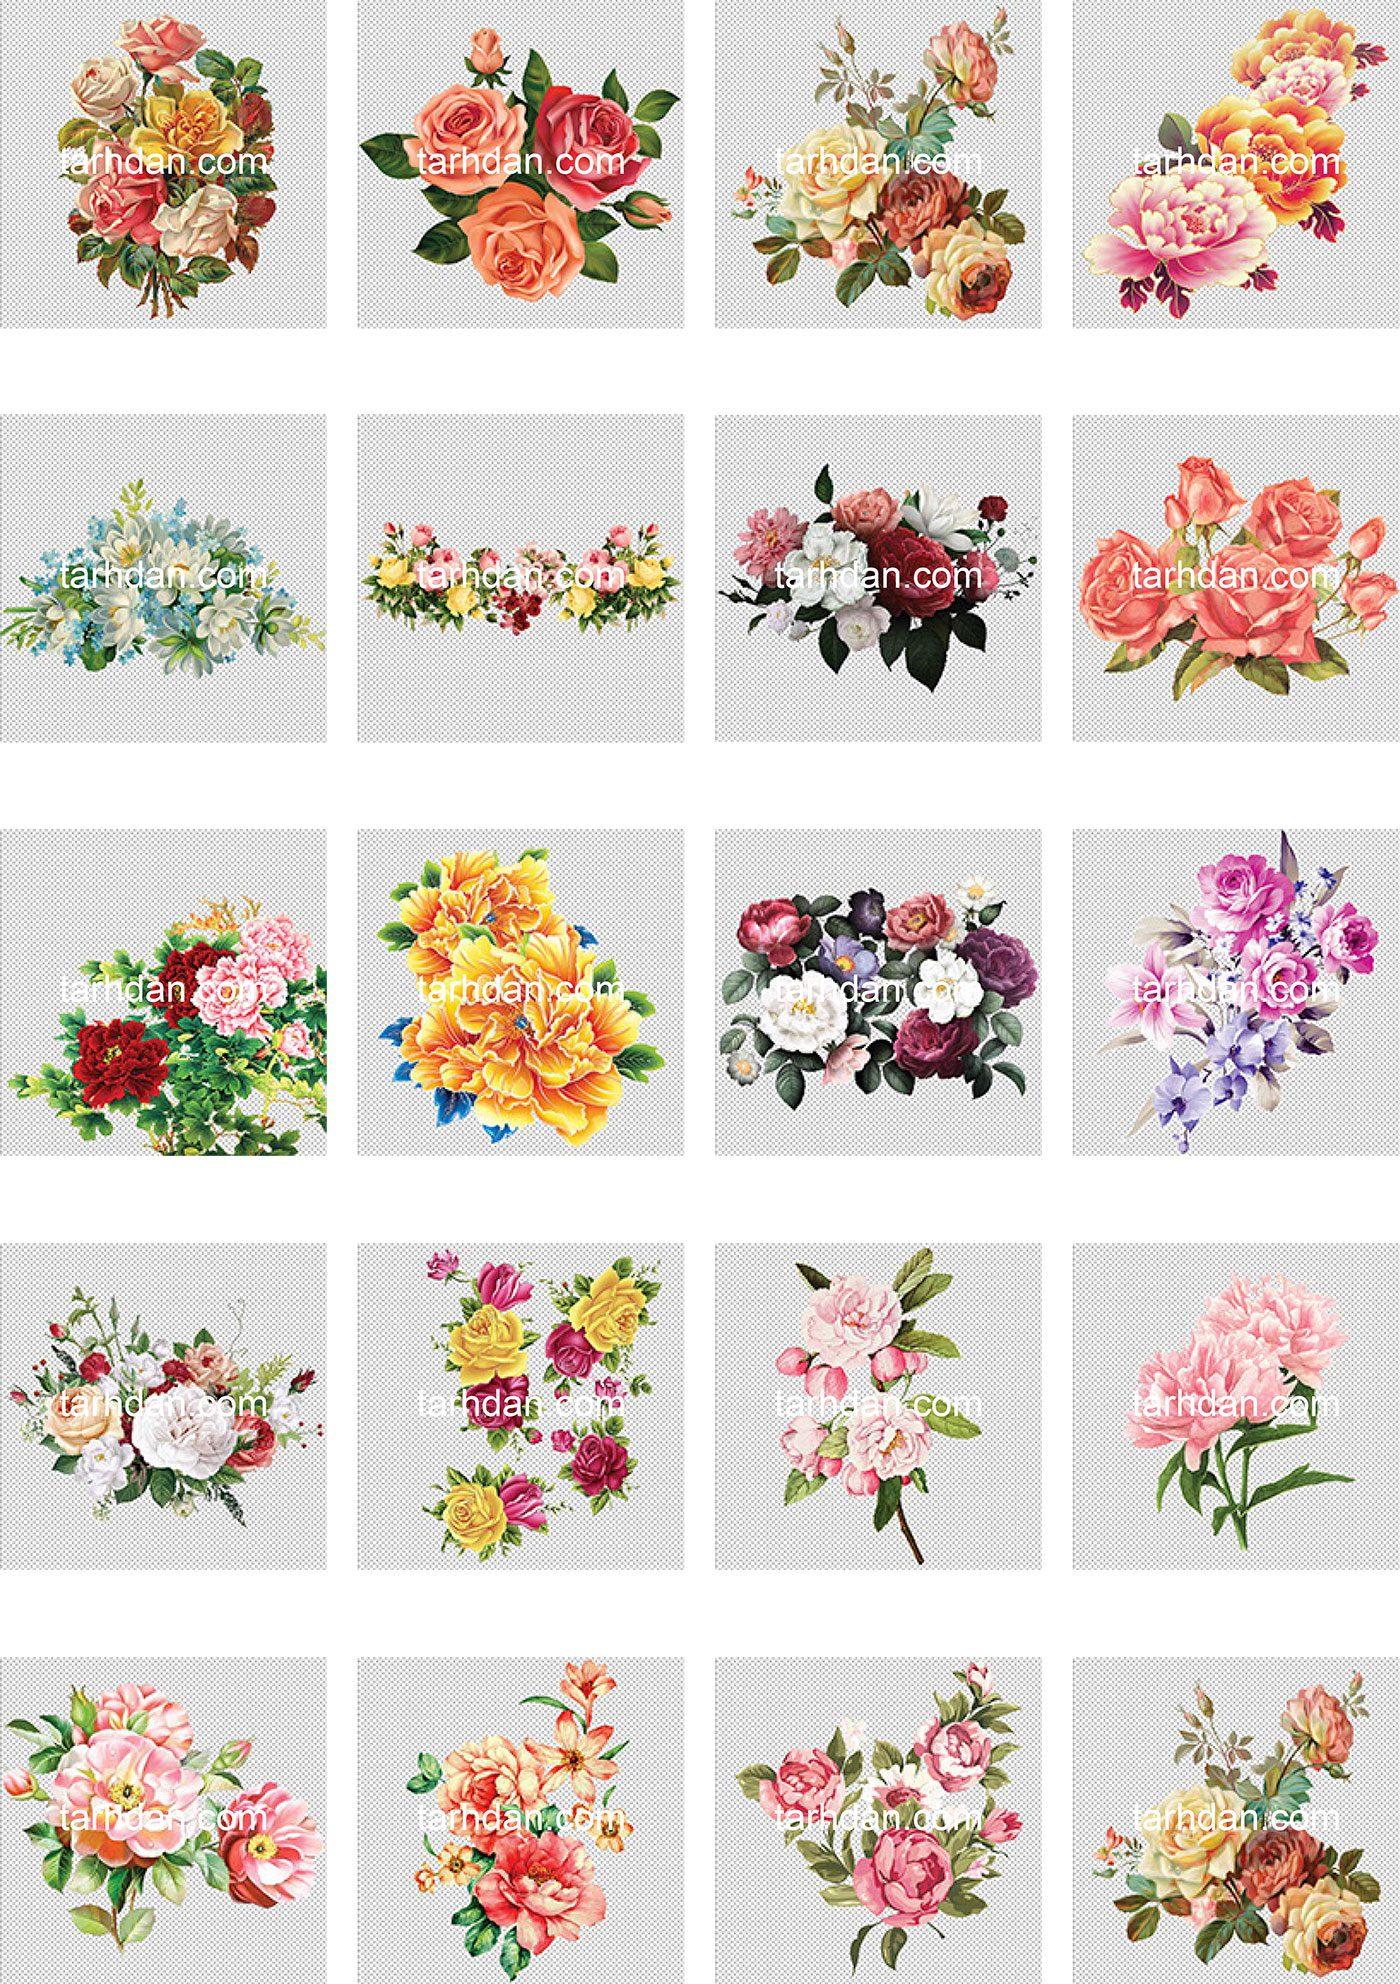 دانلود مجموعه دور بری شده عکس گل (2)